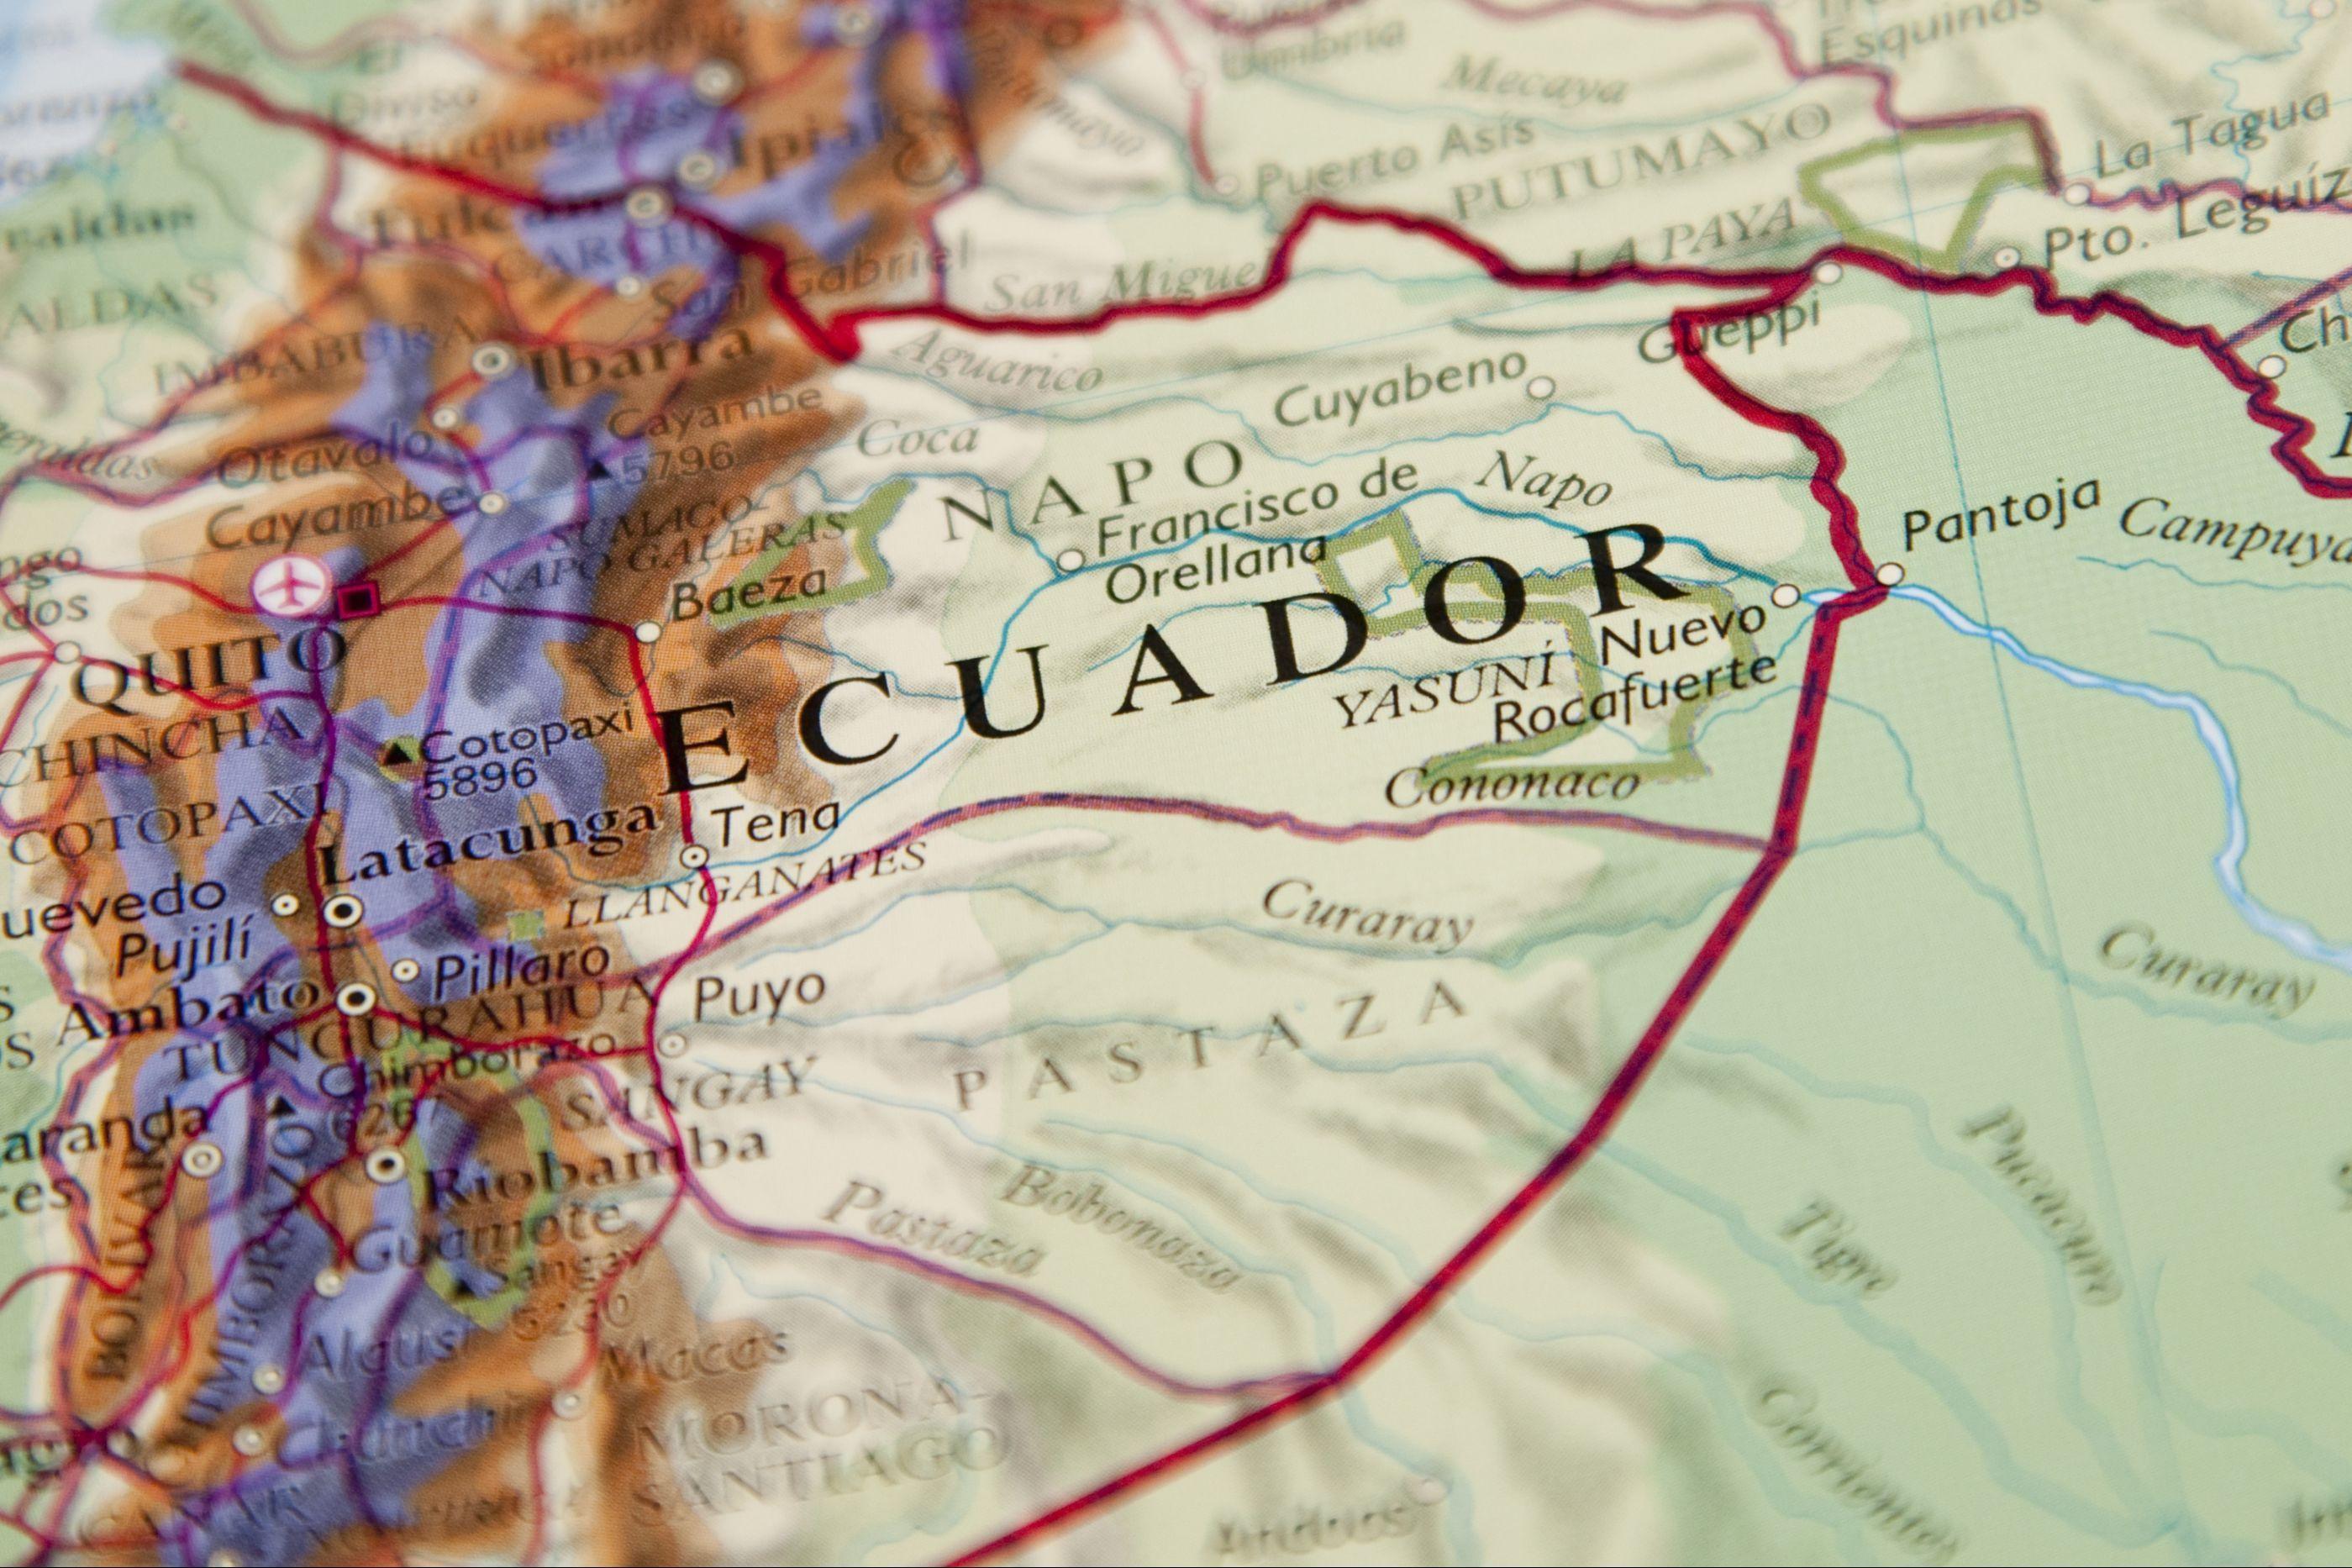 Doze mortos em acidente de autocarro no Equador